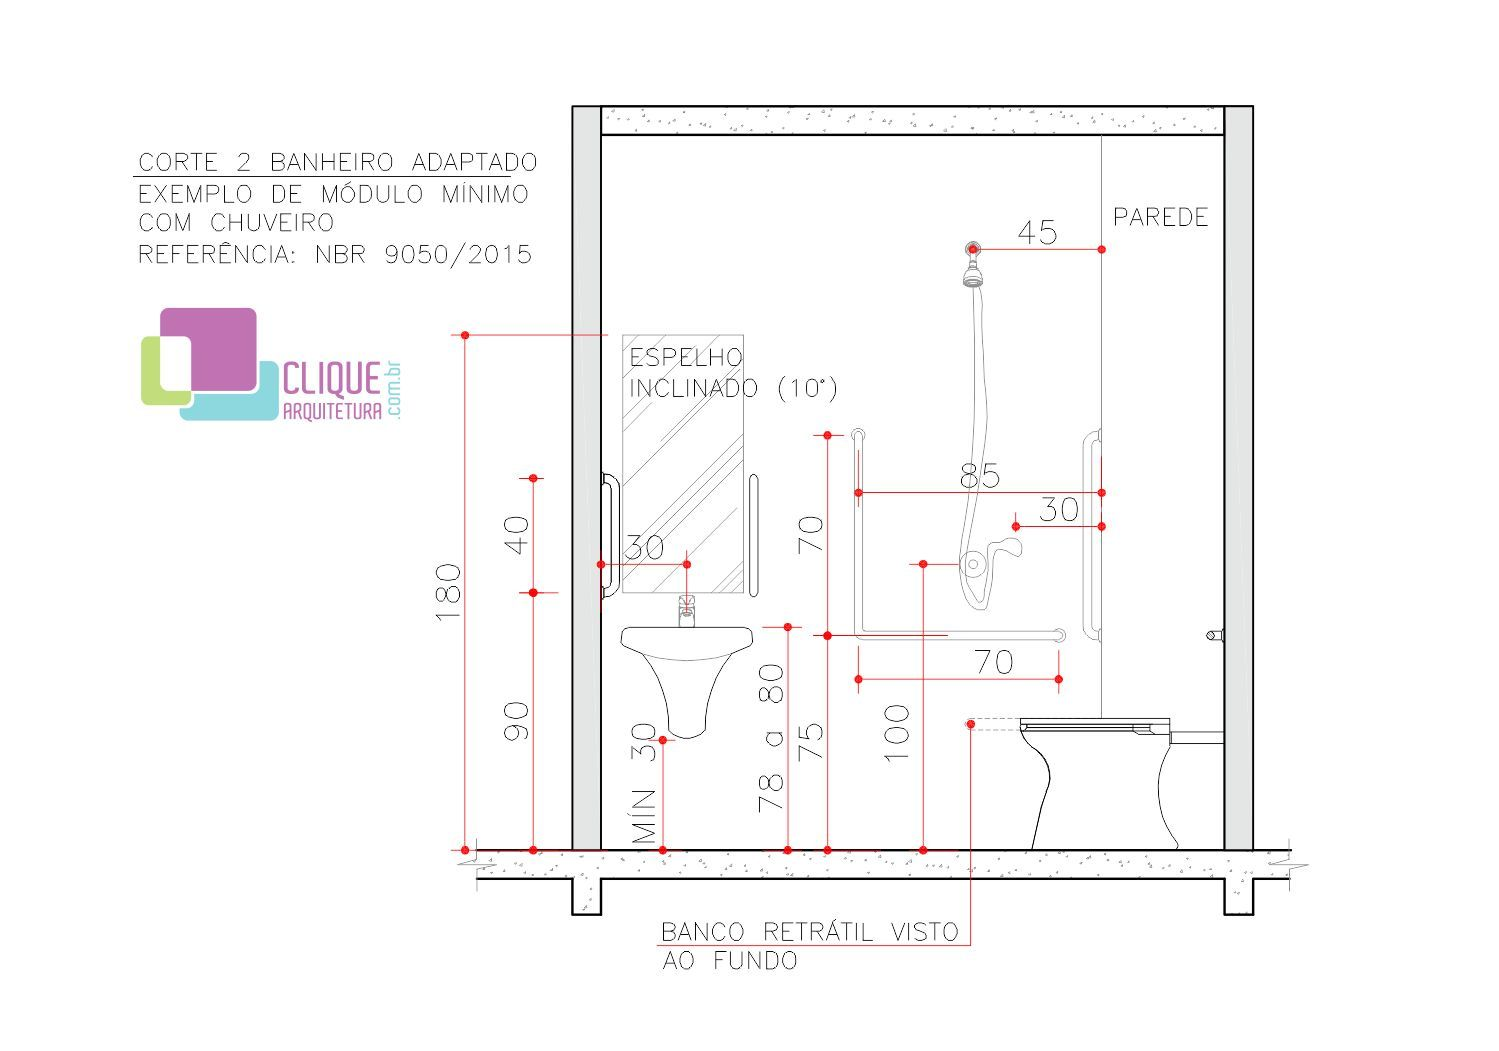 Largura Minima Para Banheiro De Deficiente : Banheiro adaptado clique arquitetura pne